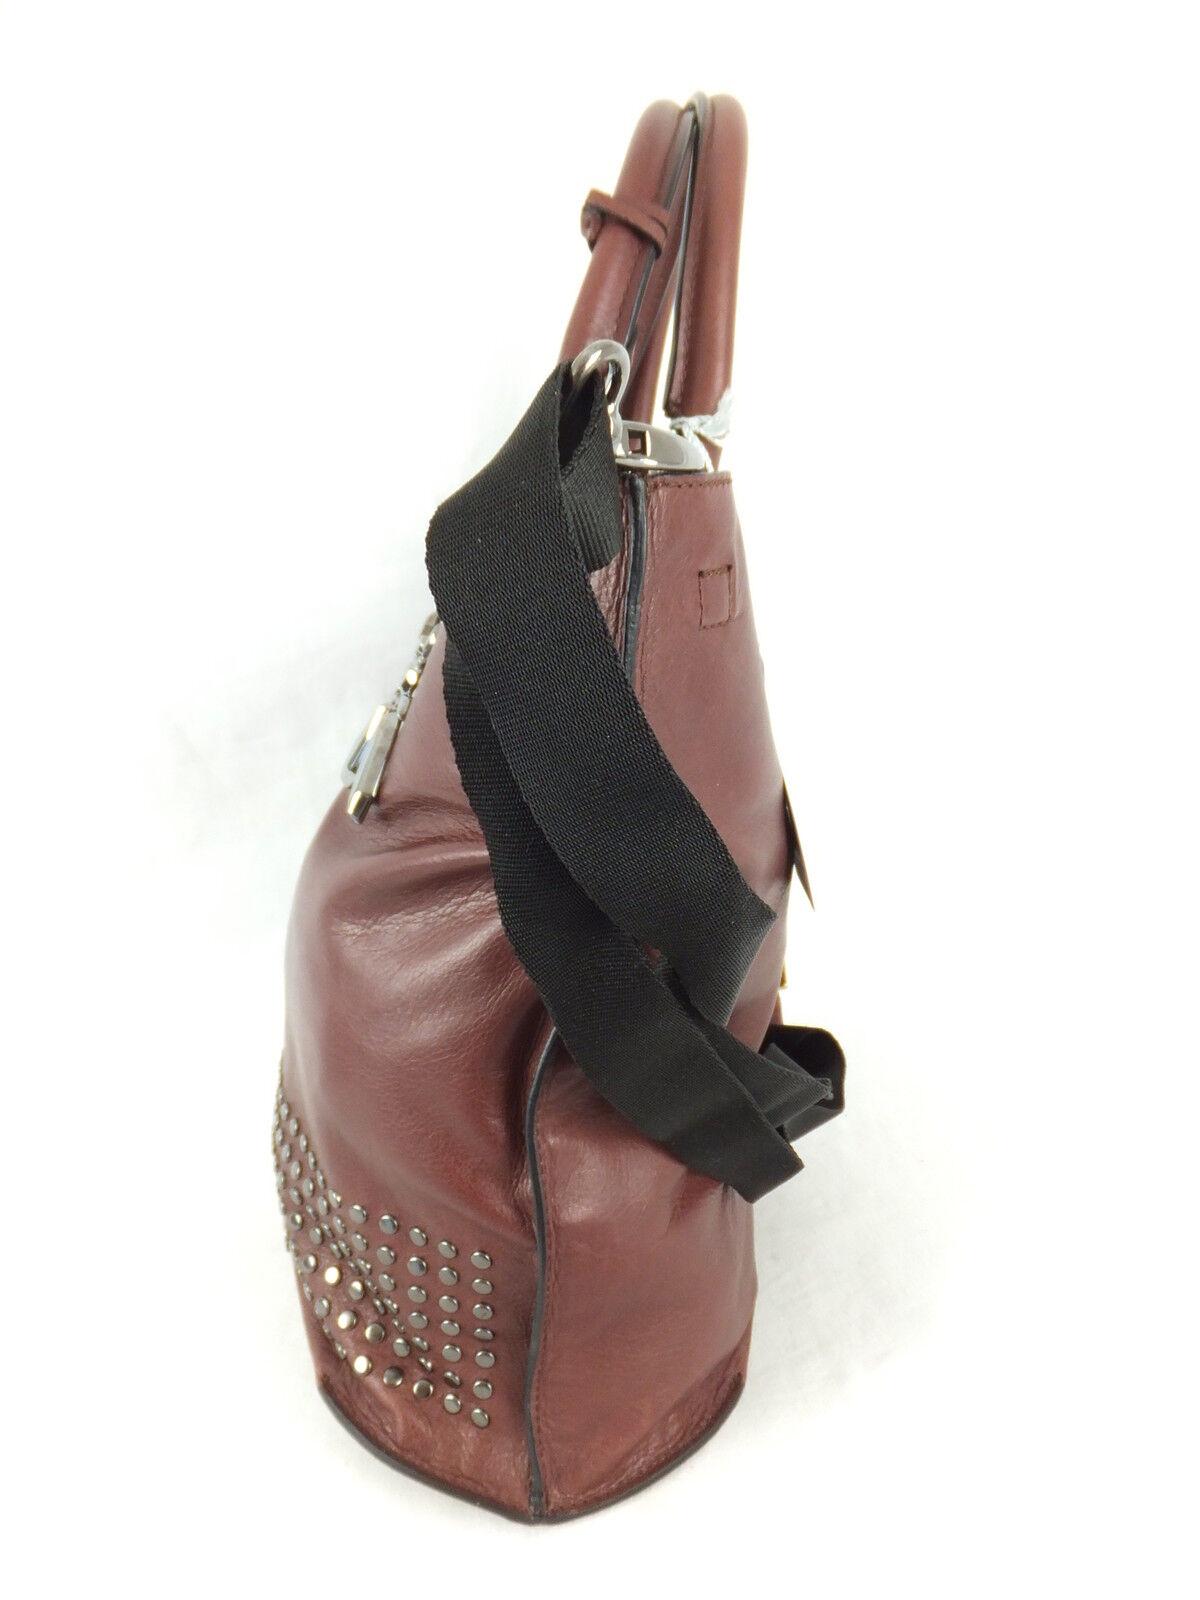 PATRIZIA PATRIZIA PATRIZIA PEPE Shopper Tasche - bordeaux rot - neu mit Etikett - mit Nieten   | Passend In Der Farbe  | Hohe Qualität Und Geringen Overhead  | Großer Verkauf  901e59